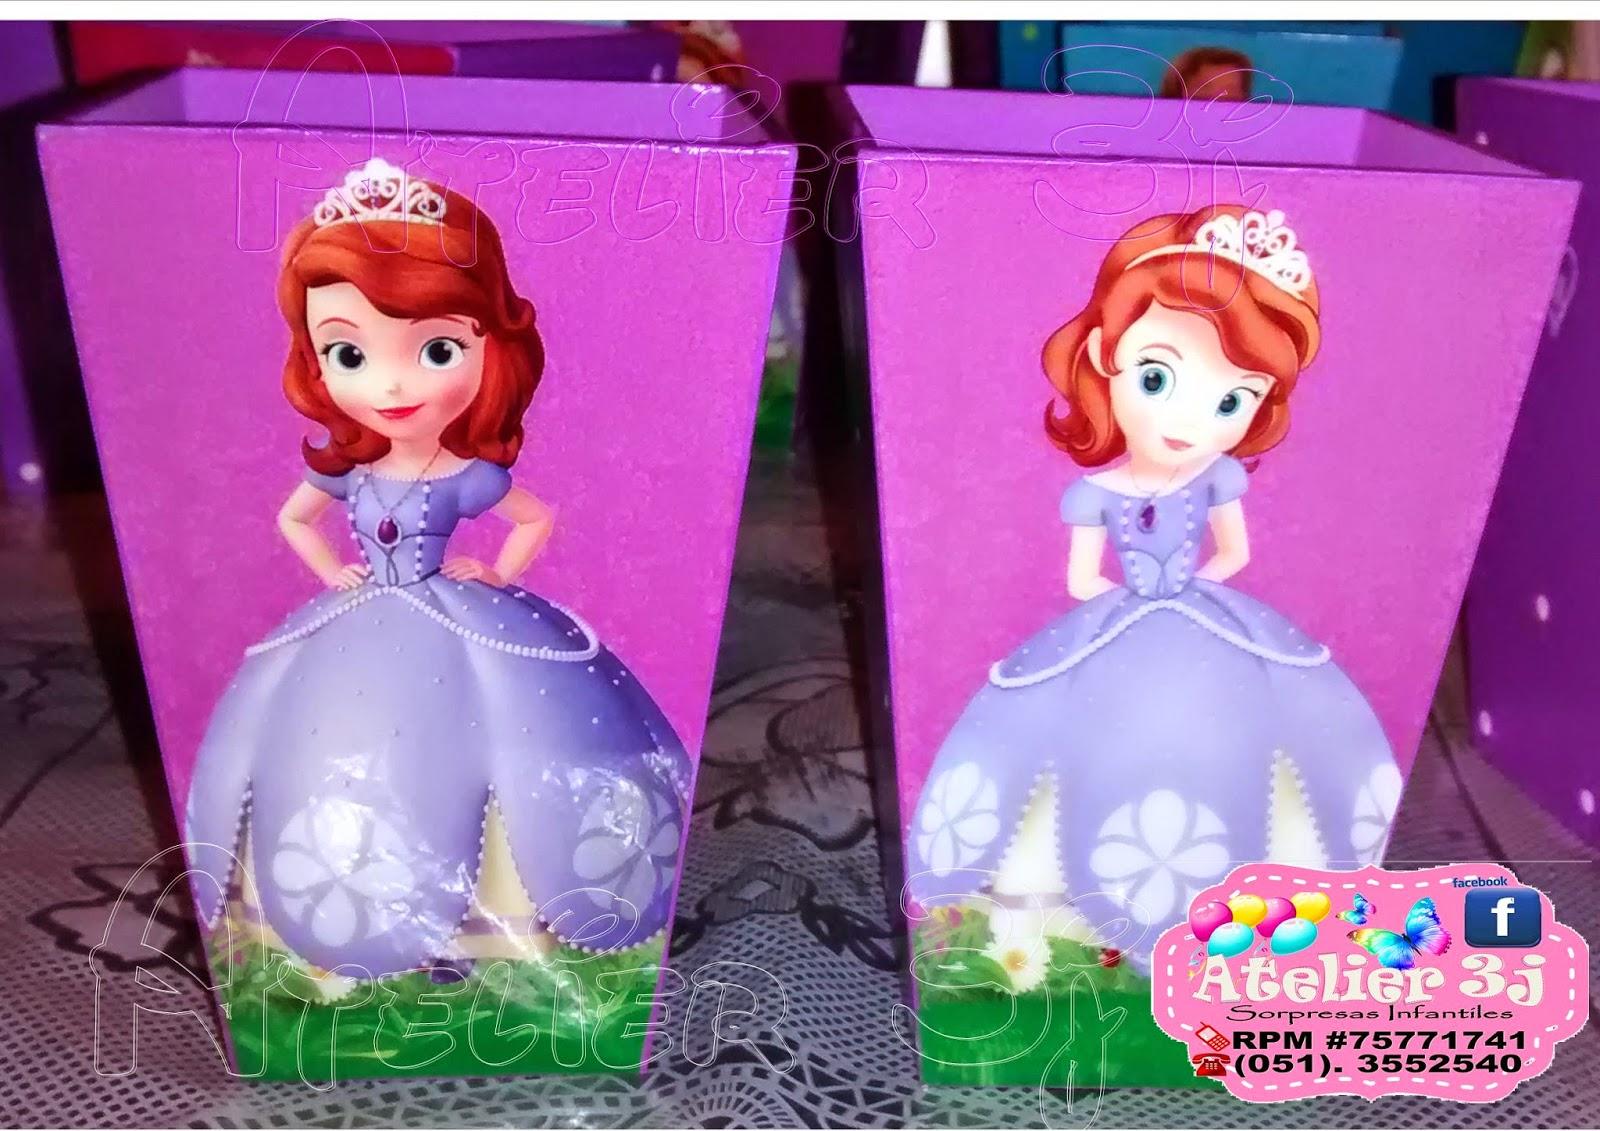 d6d8ce4e2 excellent sorpresas para cumpleaos infantiles princesa sofia with sorpresas  de cumpleaos infantiles